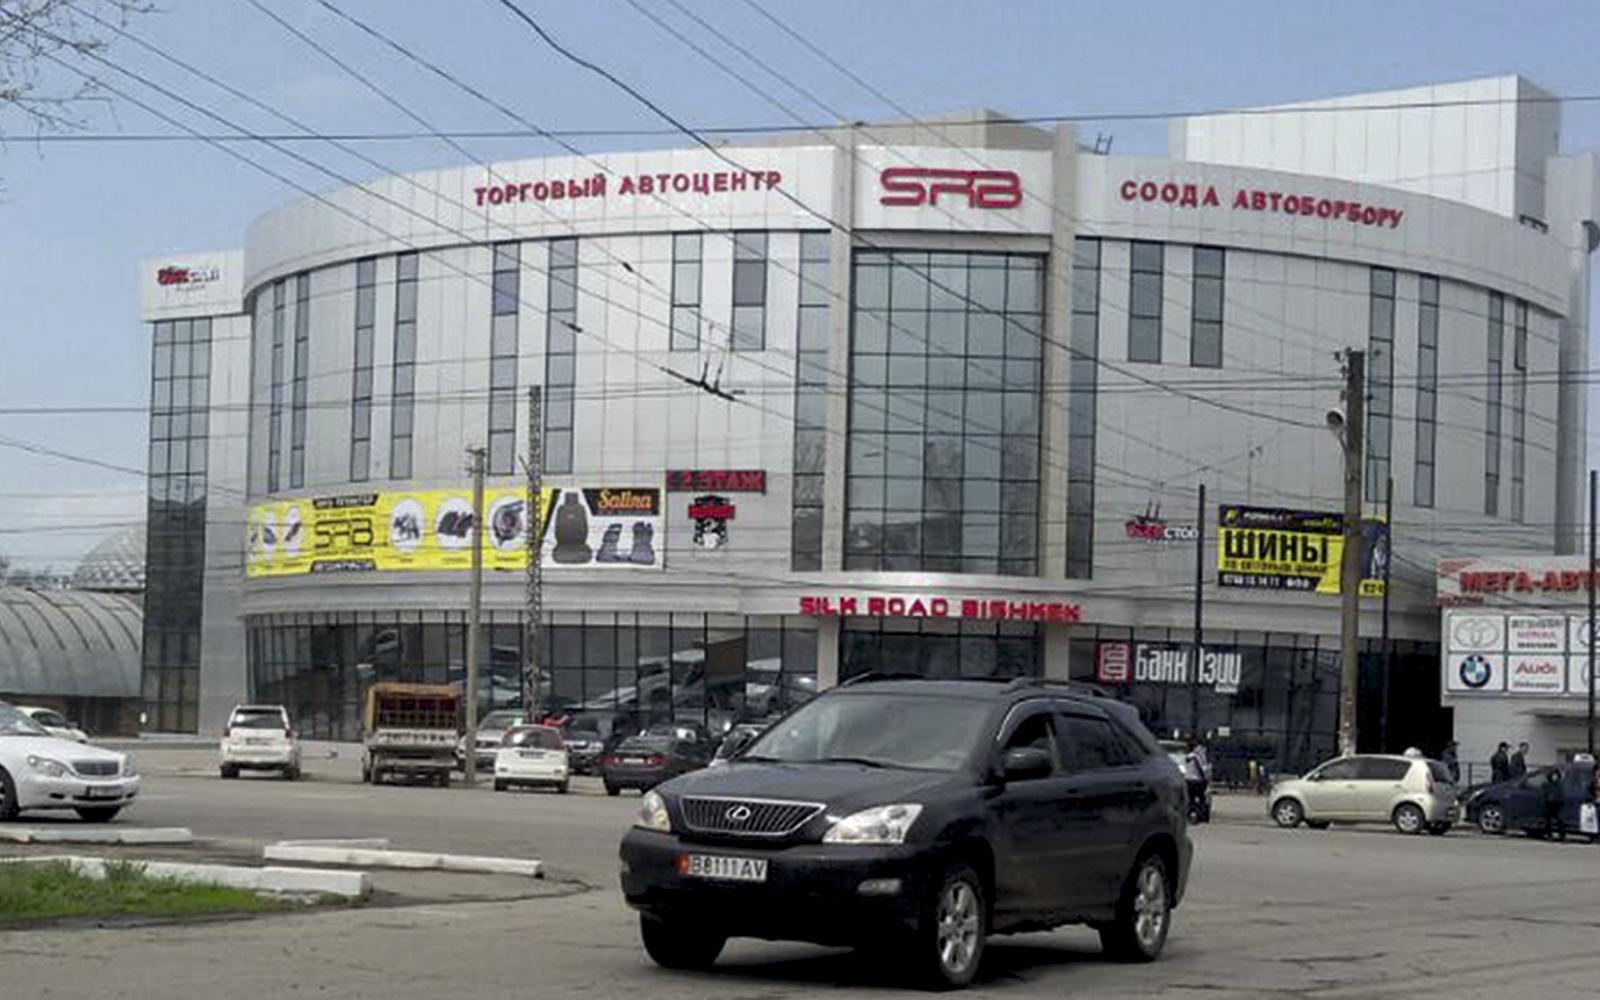 Разработка концепции для многопрофильного автоцентра «Silk Road Bishkek»